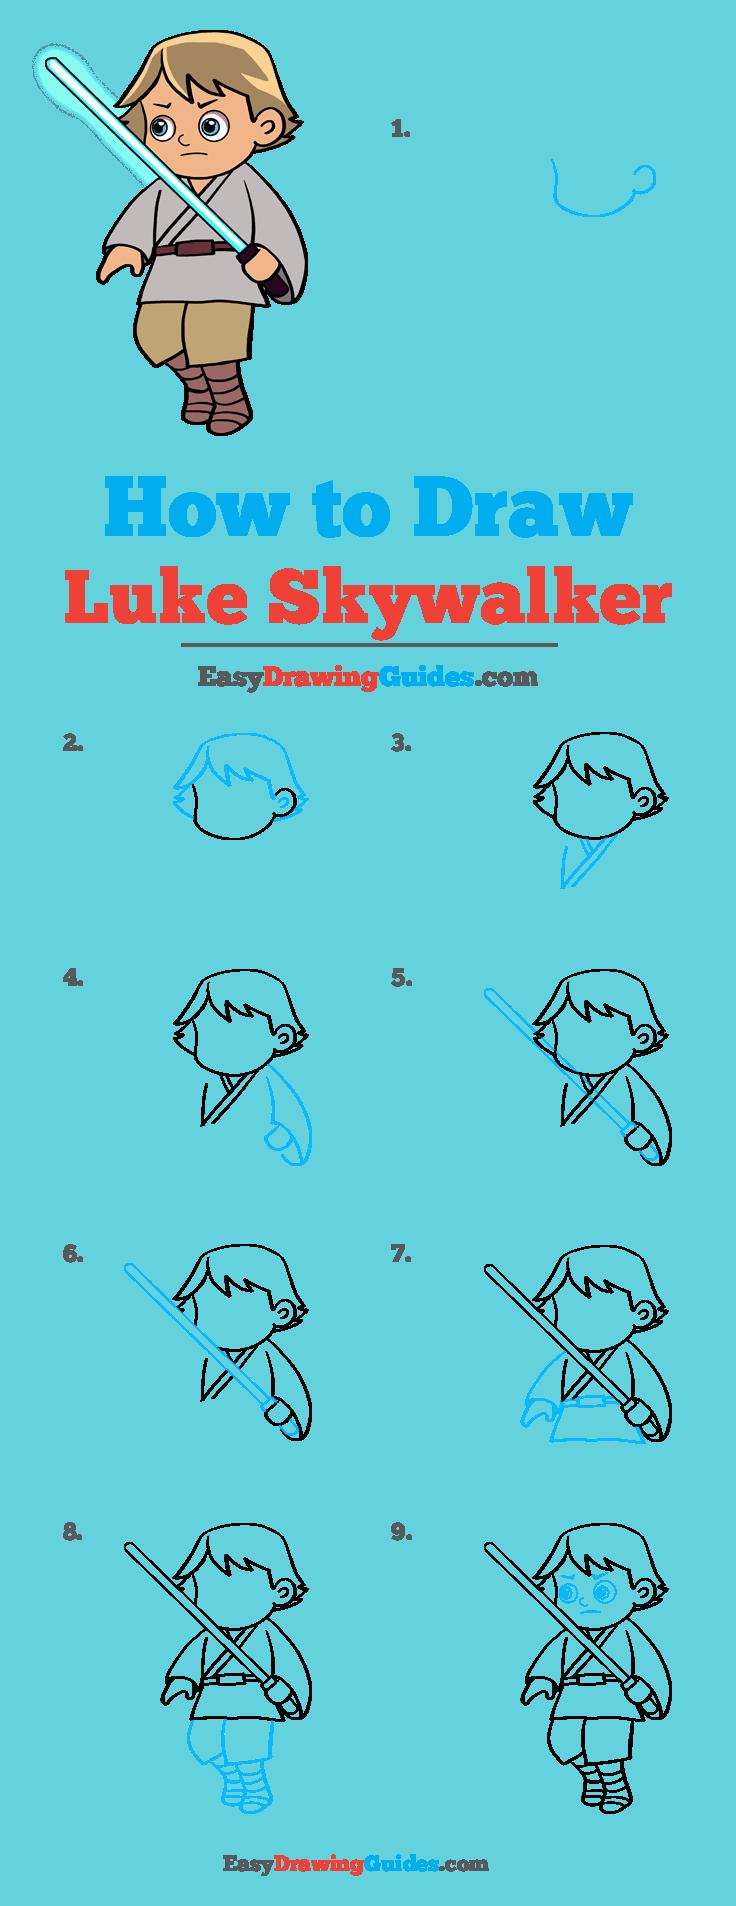 How to Draw Luke Skywalker